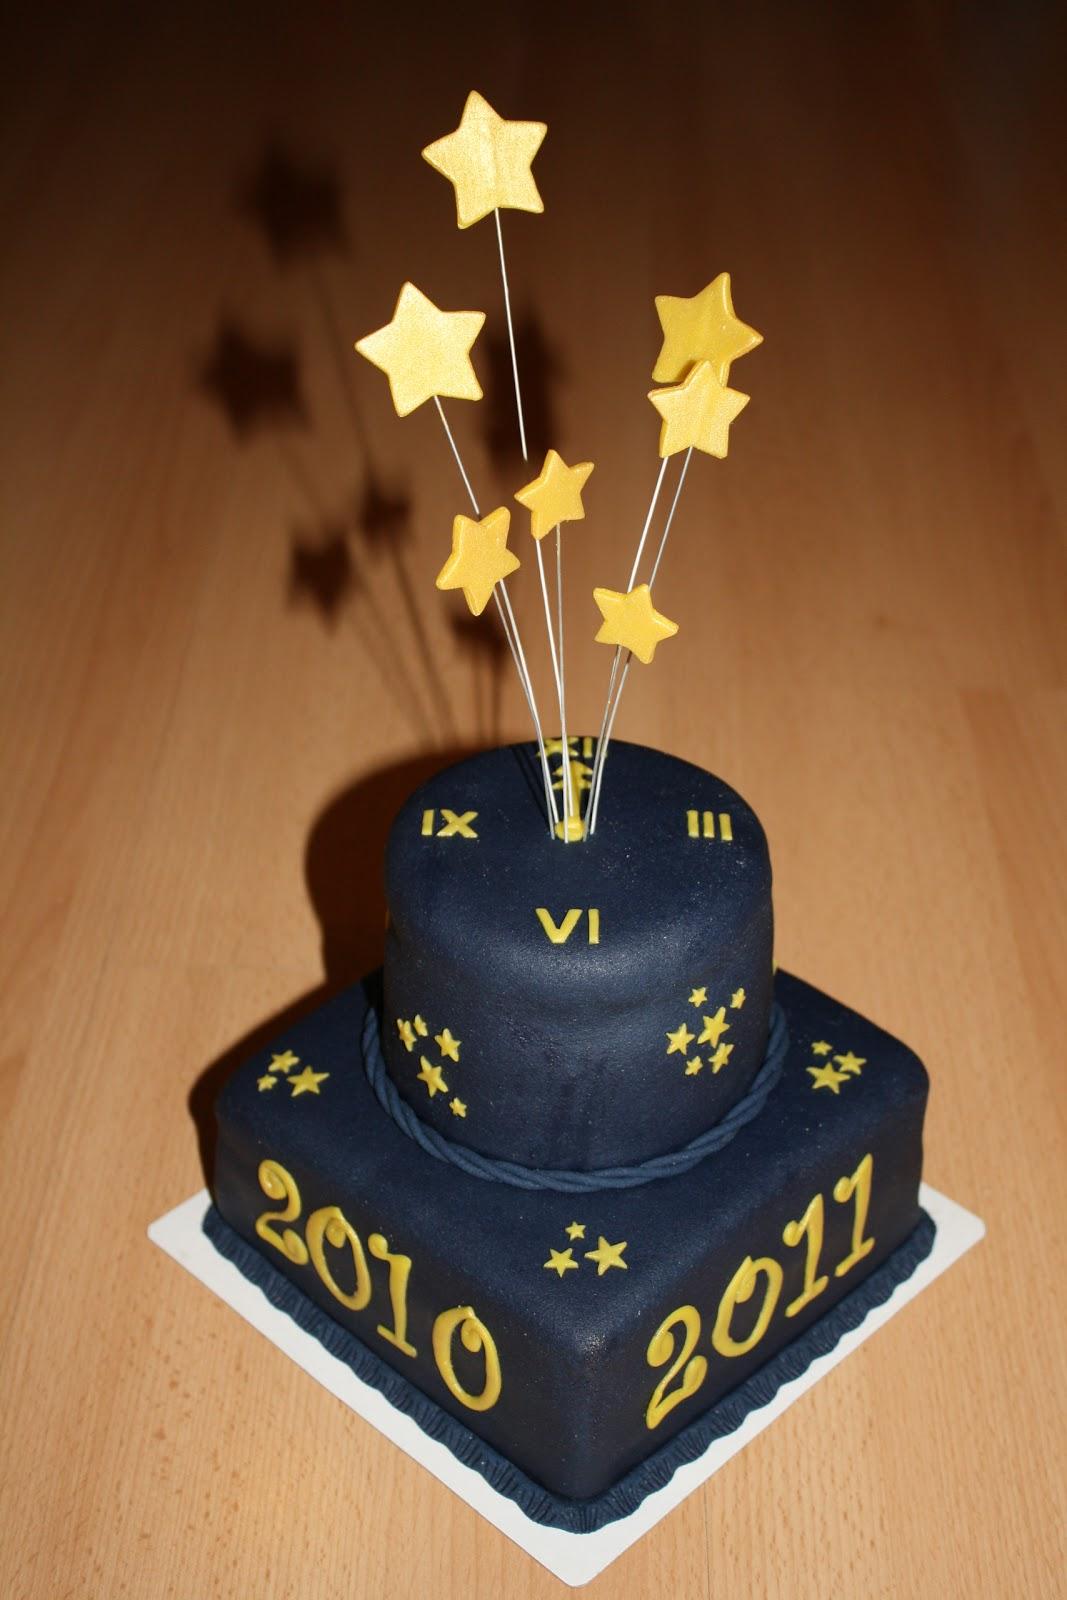 nieuw jaar taart Karin's Taarten: Oud en Nieuw taart nieuw jaar taart